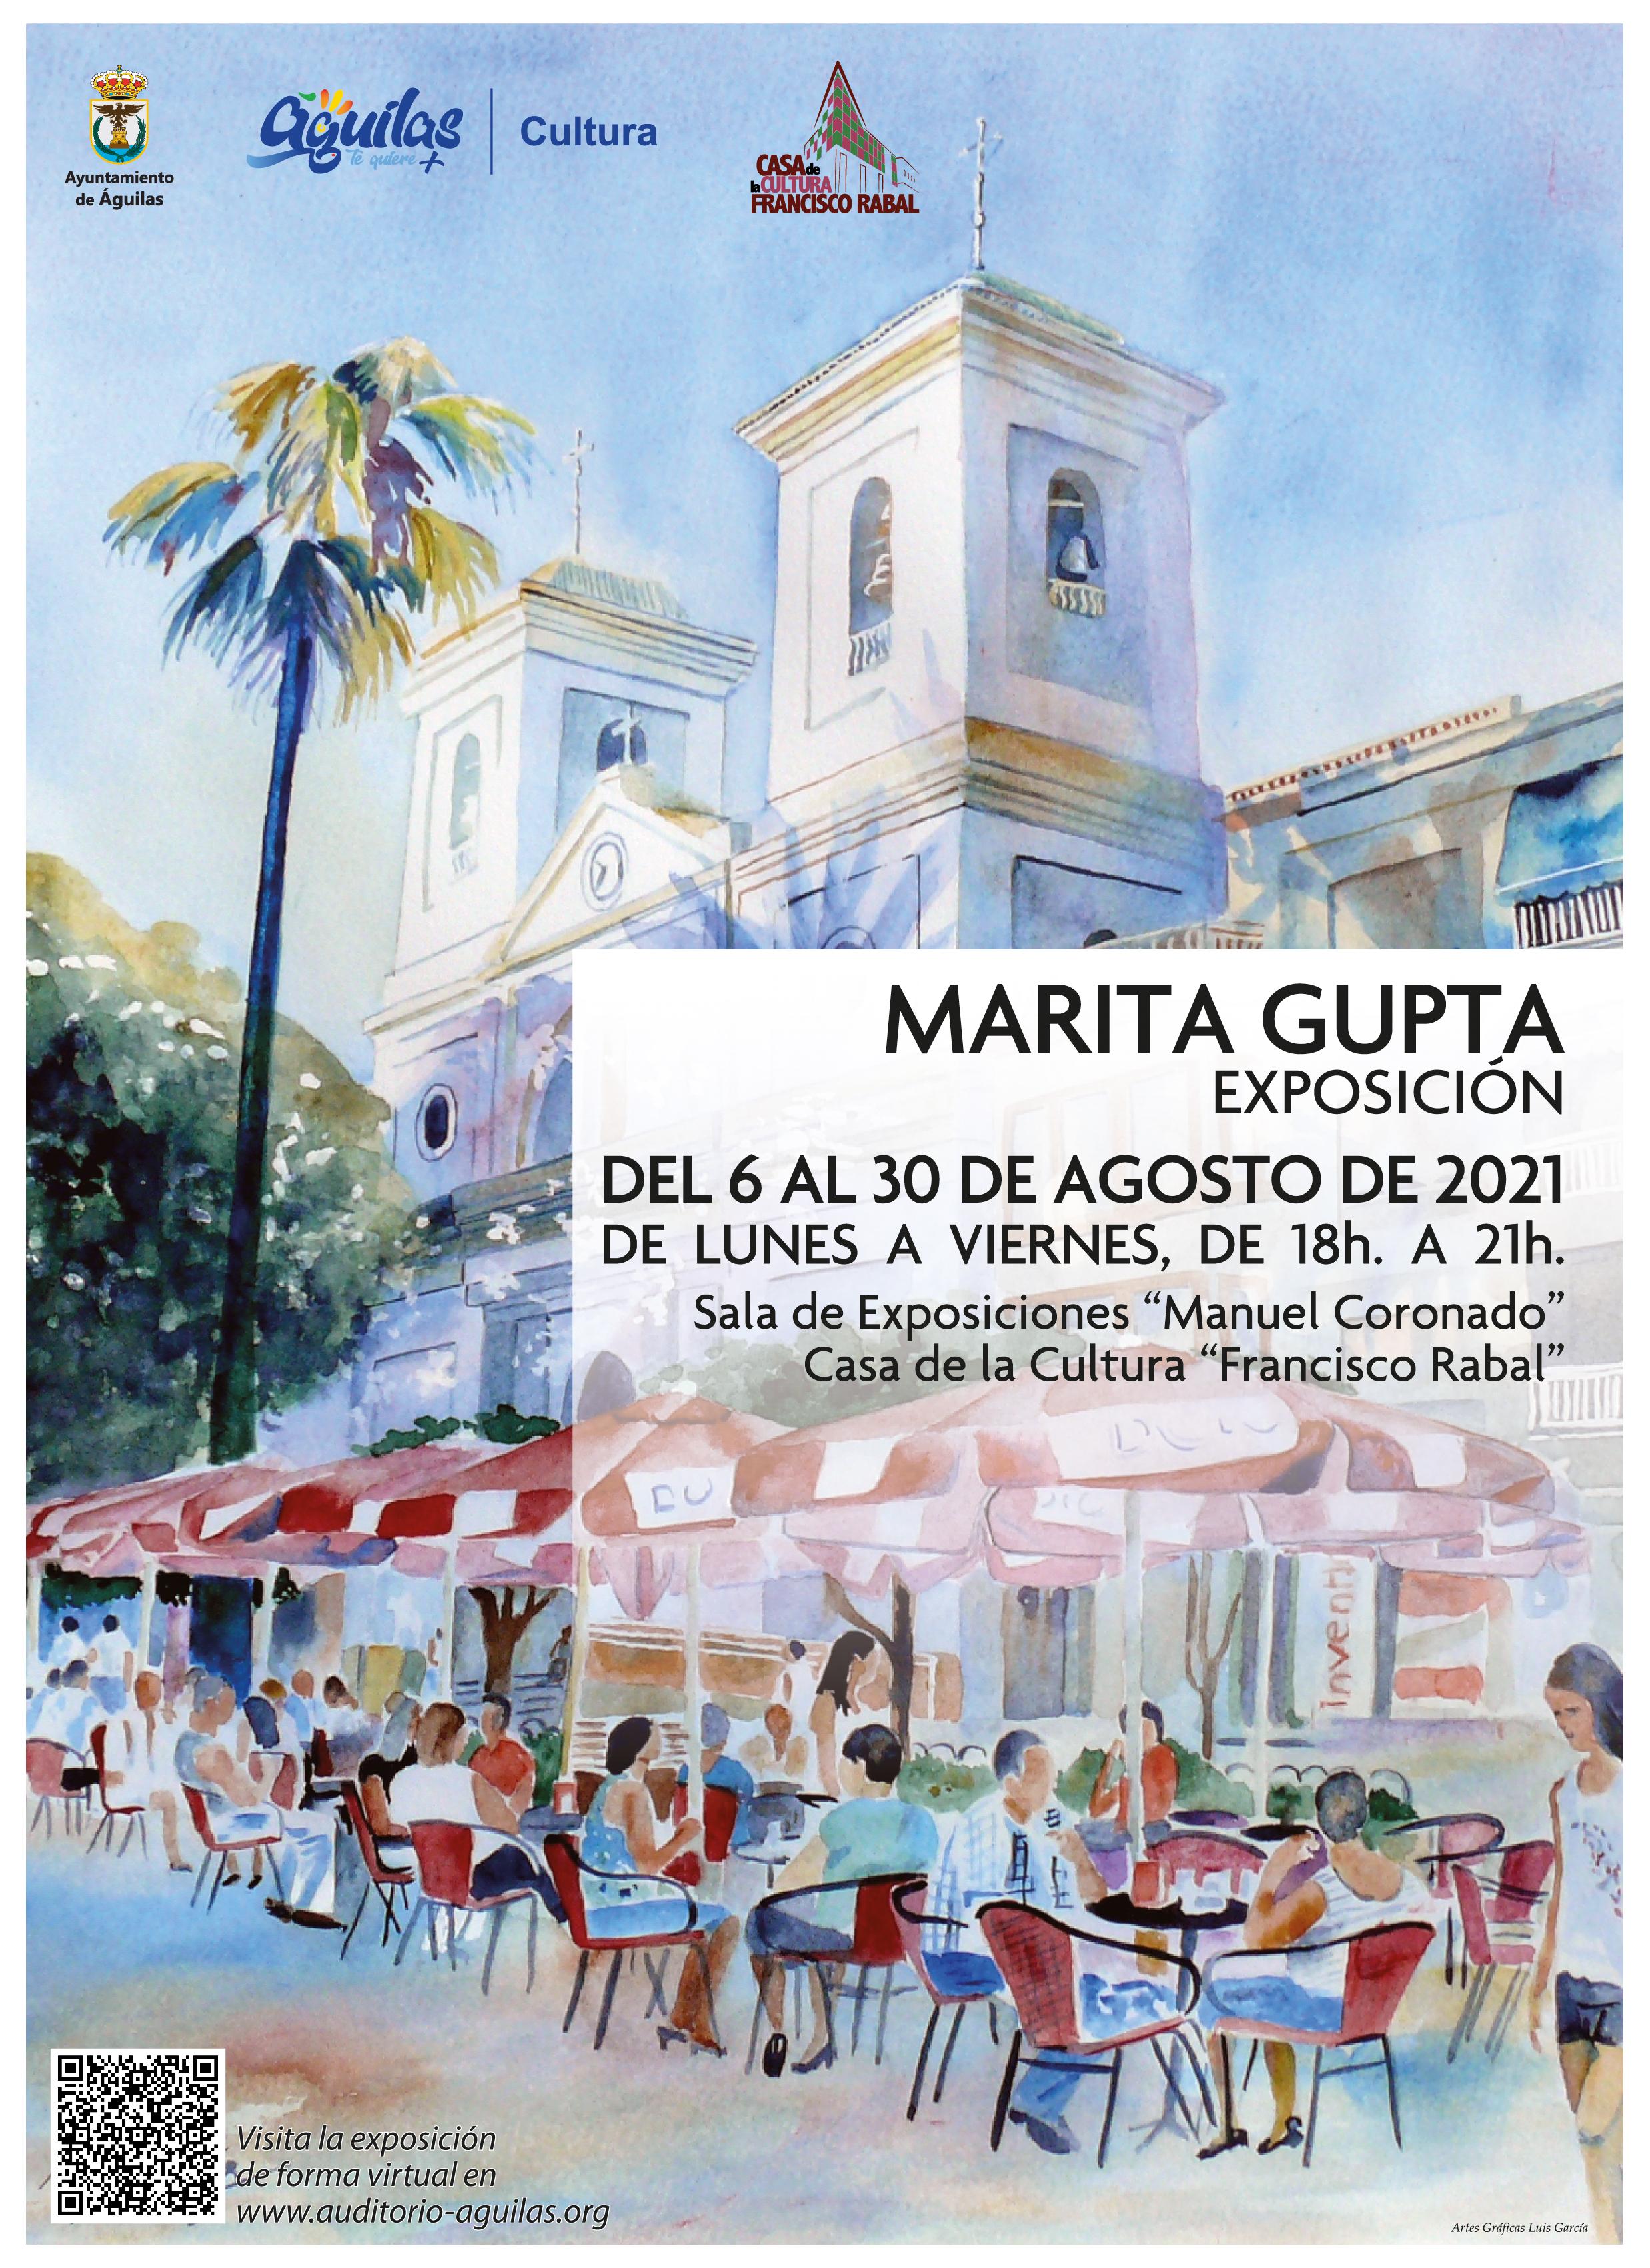 Marita Gupta Exposición